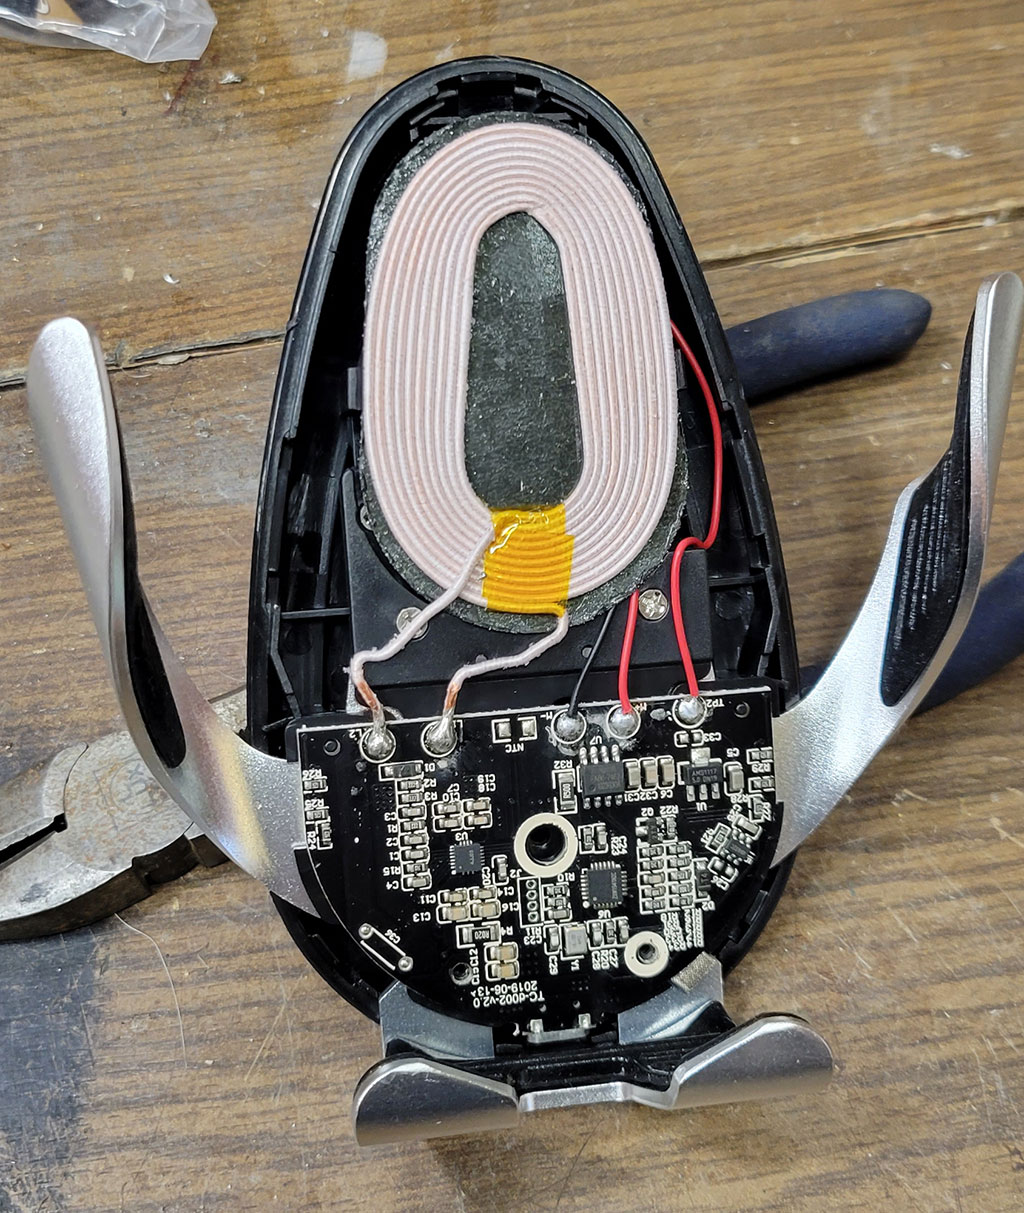 беспроводная зарядка, катушка, микросхемы, разобрано